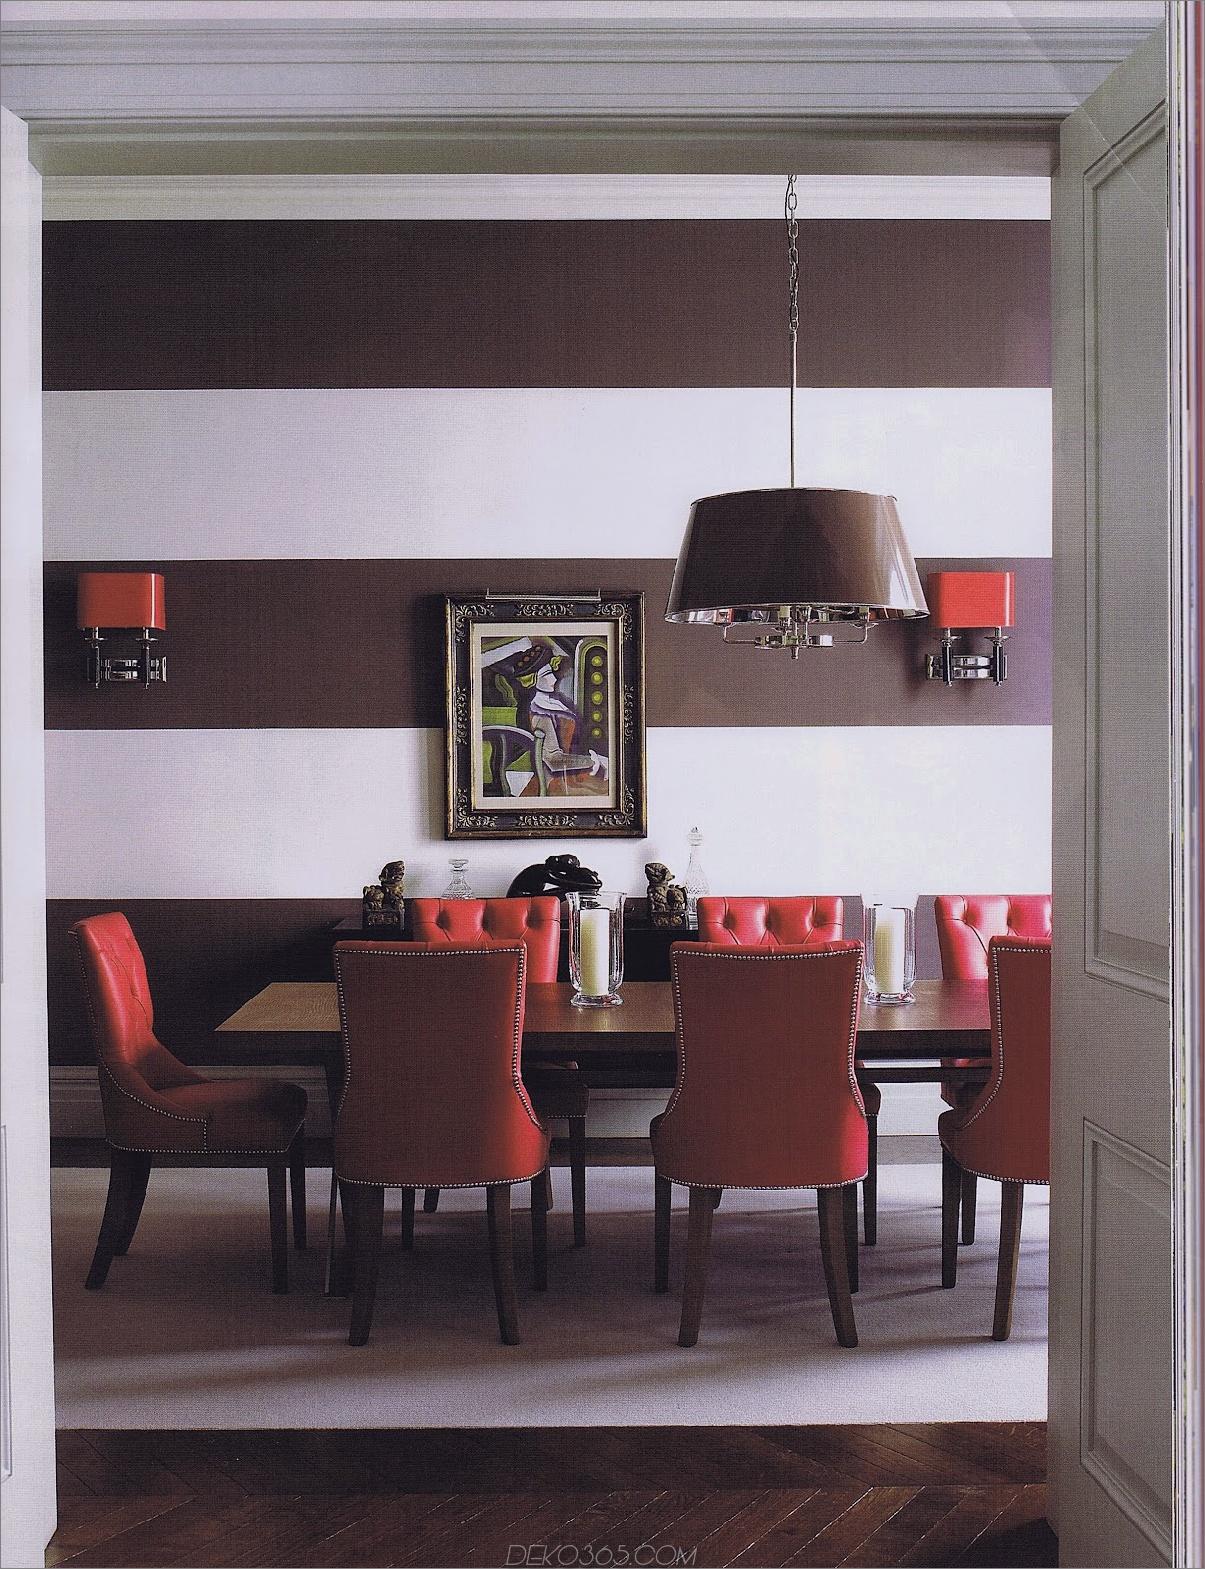 Rubintöne im Speisesaal 11 Schöne Farbschemata, die Sie ausprobieren möchten